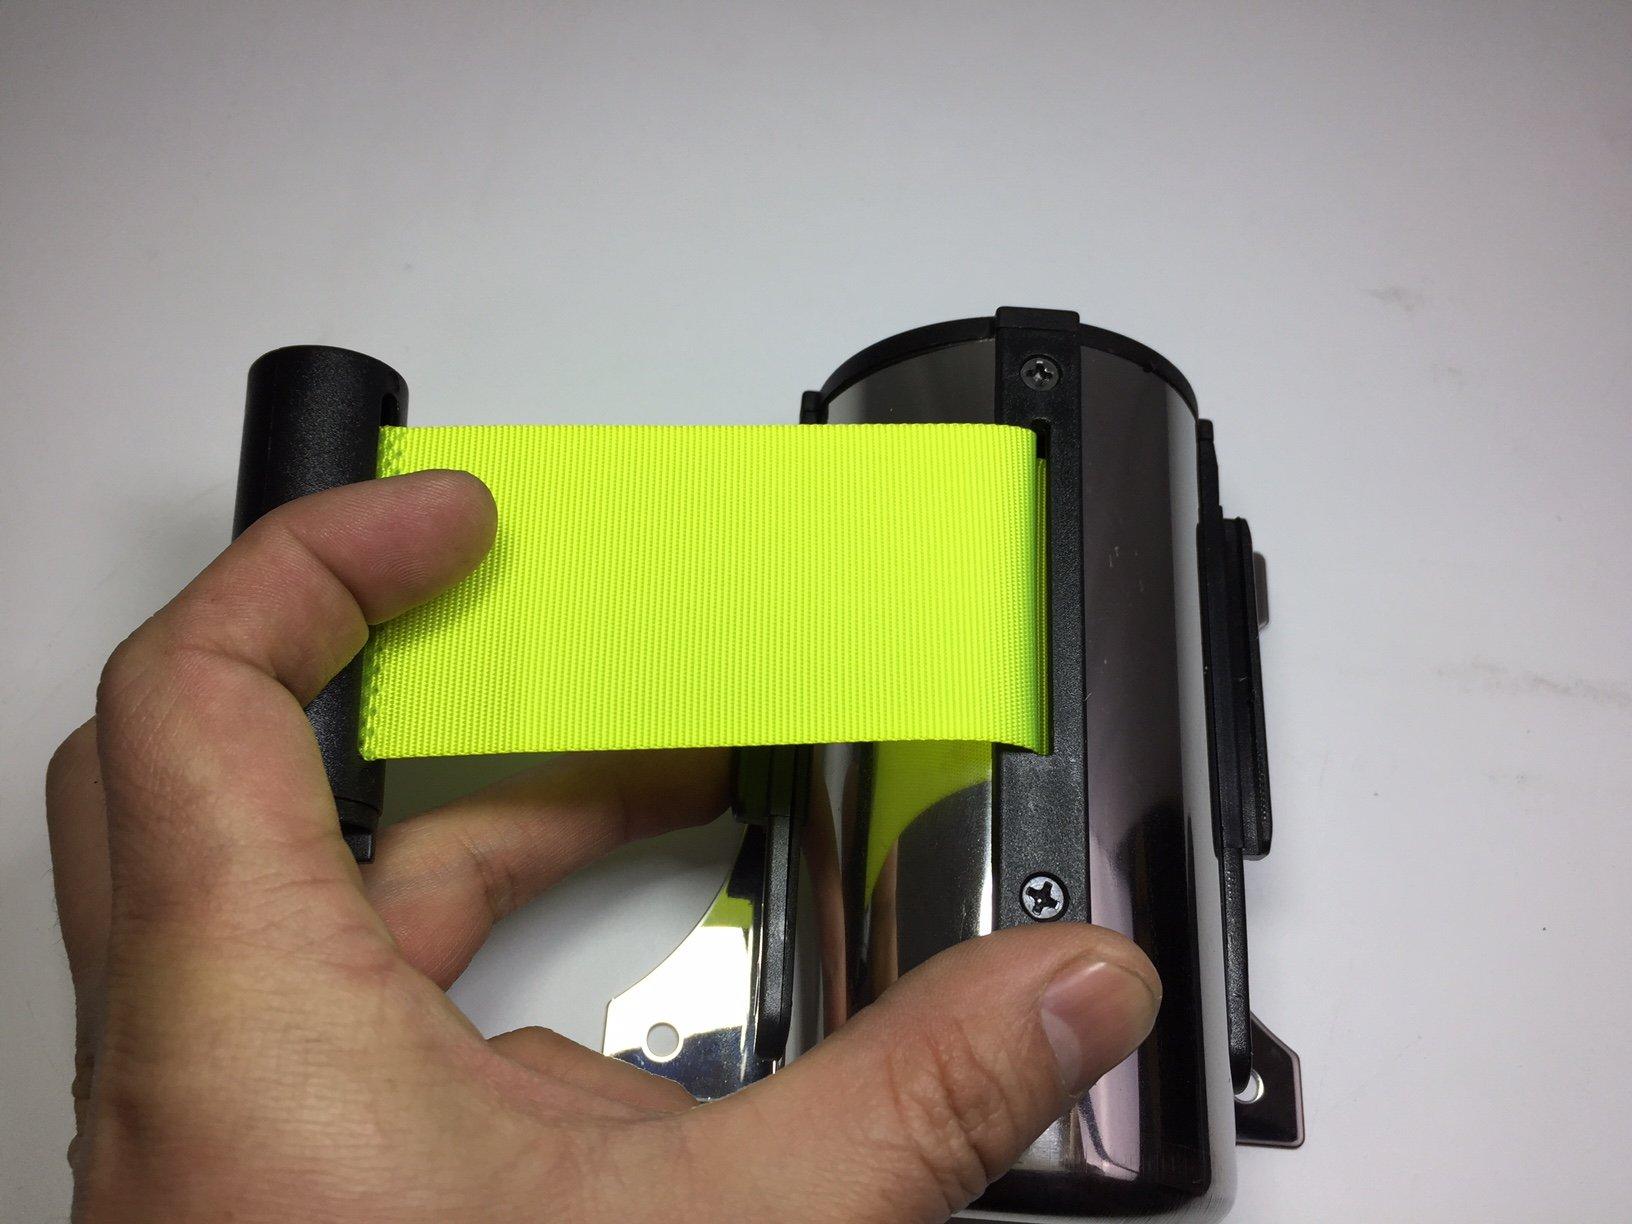 FixtureDisplays Stanchion Queue Barrier Post Wall Mount Retractable Ribbon 10' Belt Neon Green by FixtureDisplays